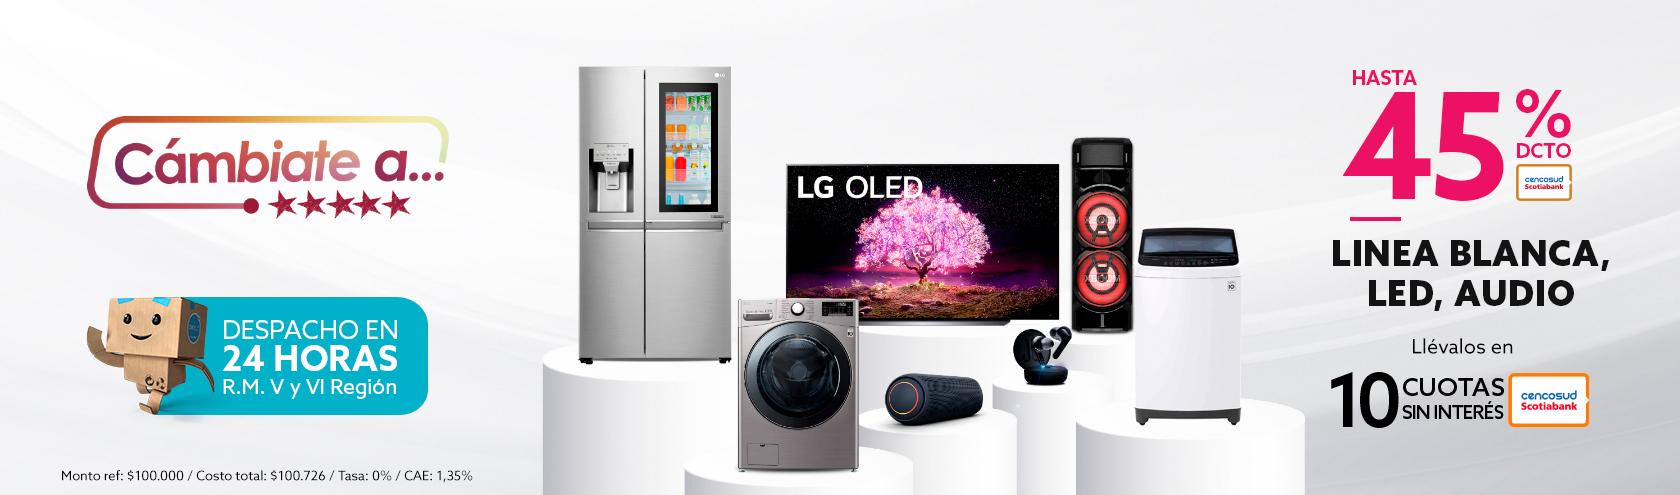 Hasta 45% dcto con tarjeta cencosud en LG, Línea blanca, led y audio